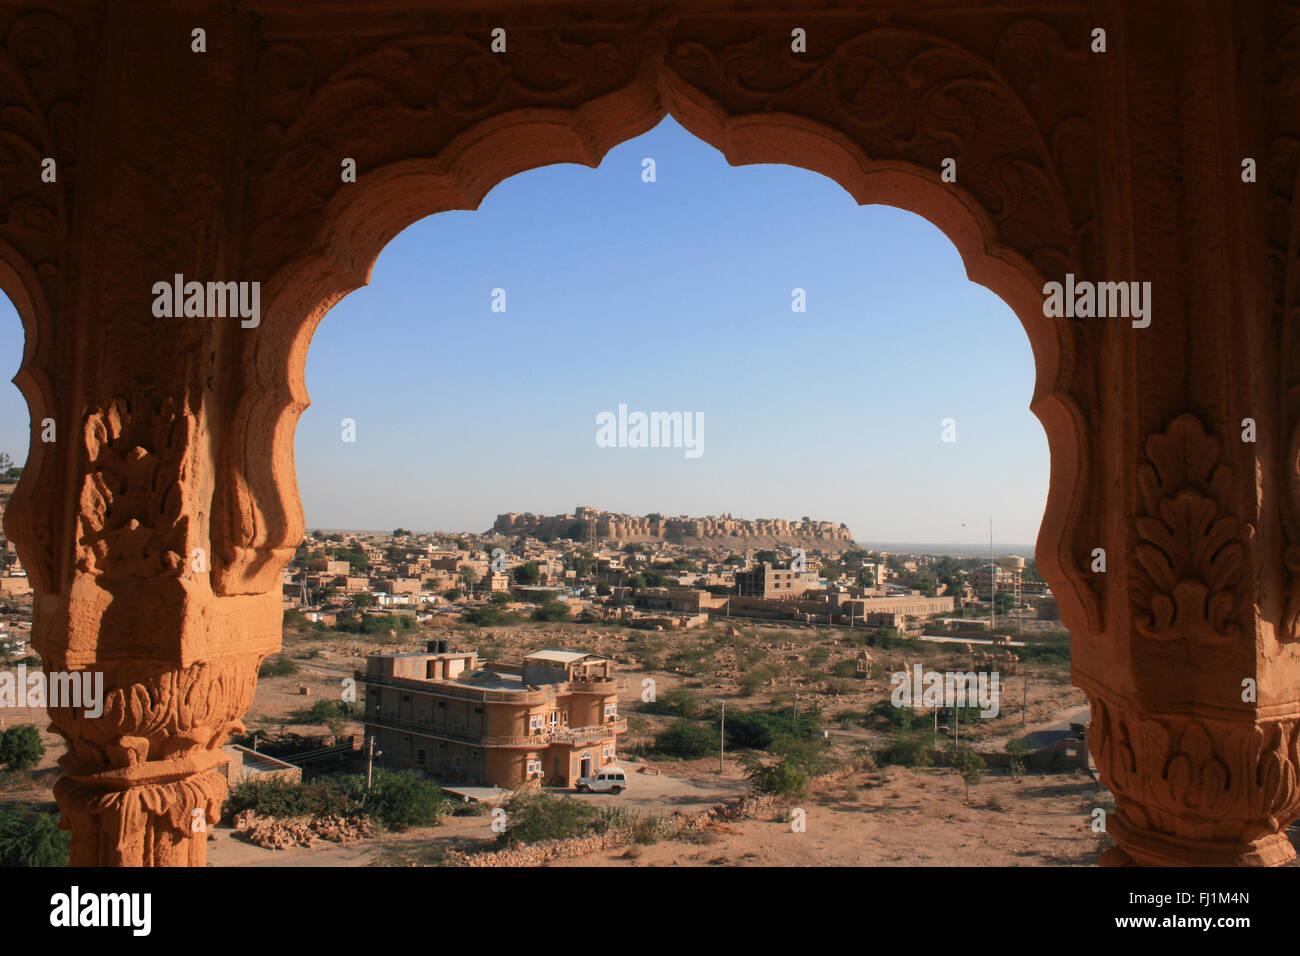 Impresionantes vistas panorámicas sobre la ciudad de Jaisalmer, con fortaleza en el centro de la fortaleza, Imagen De Stock